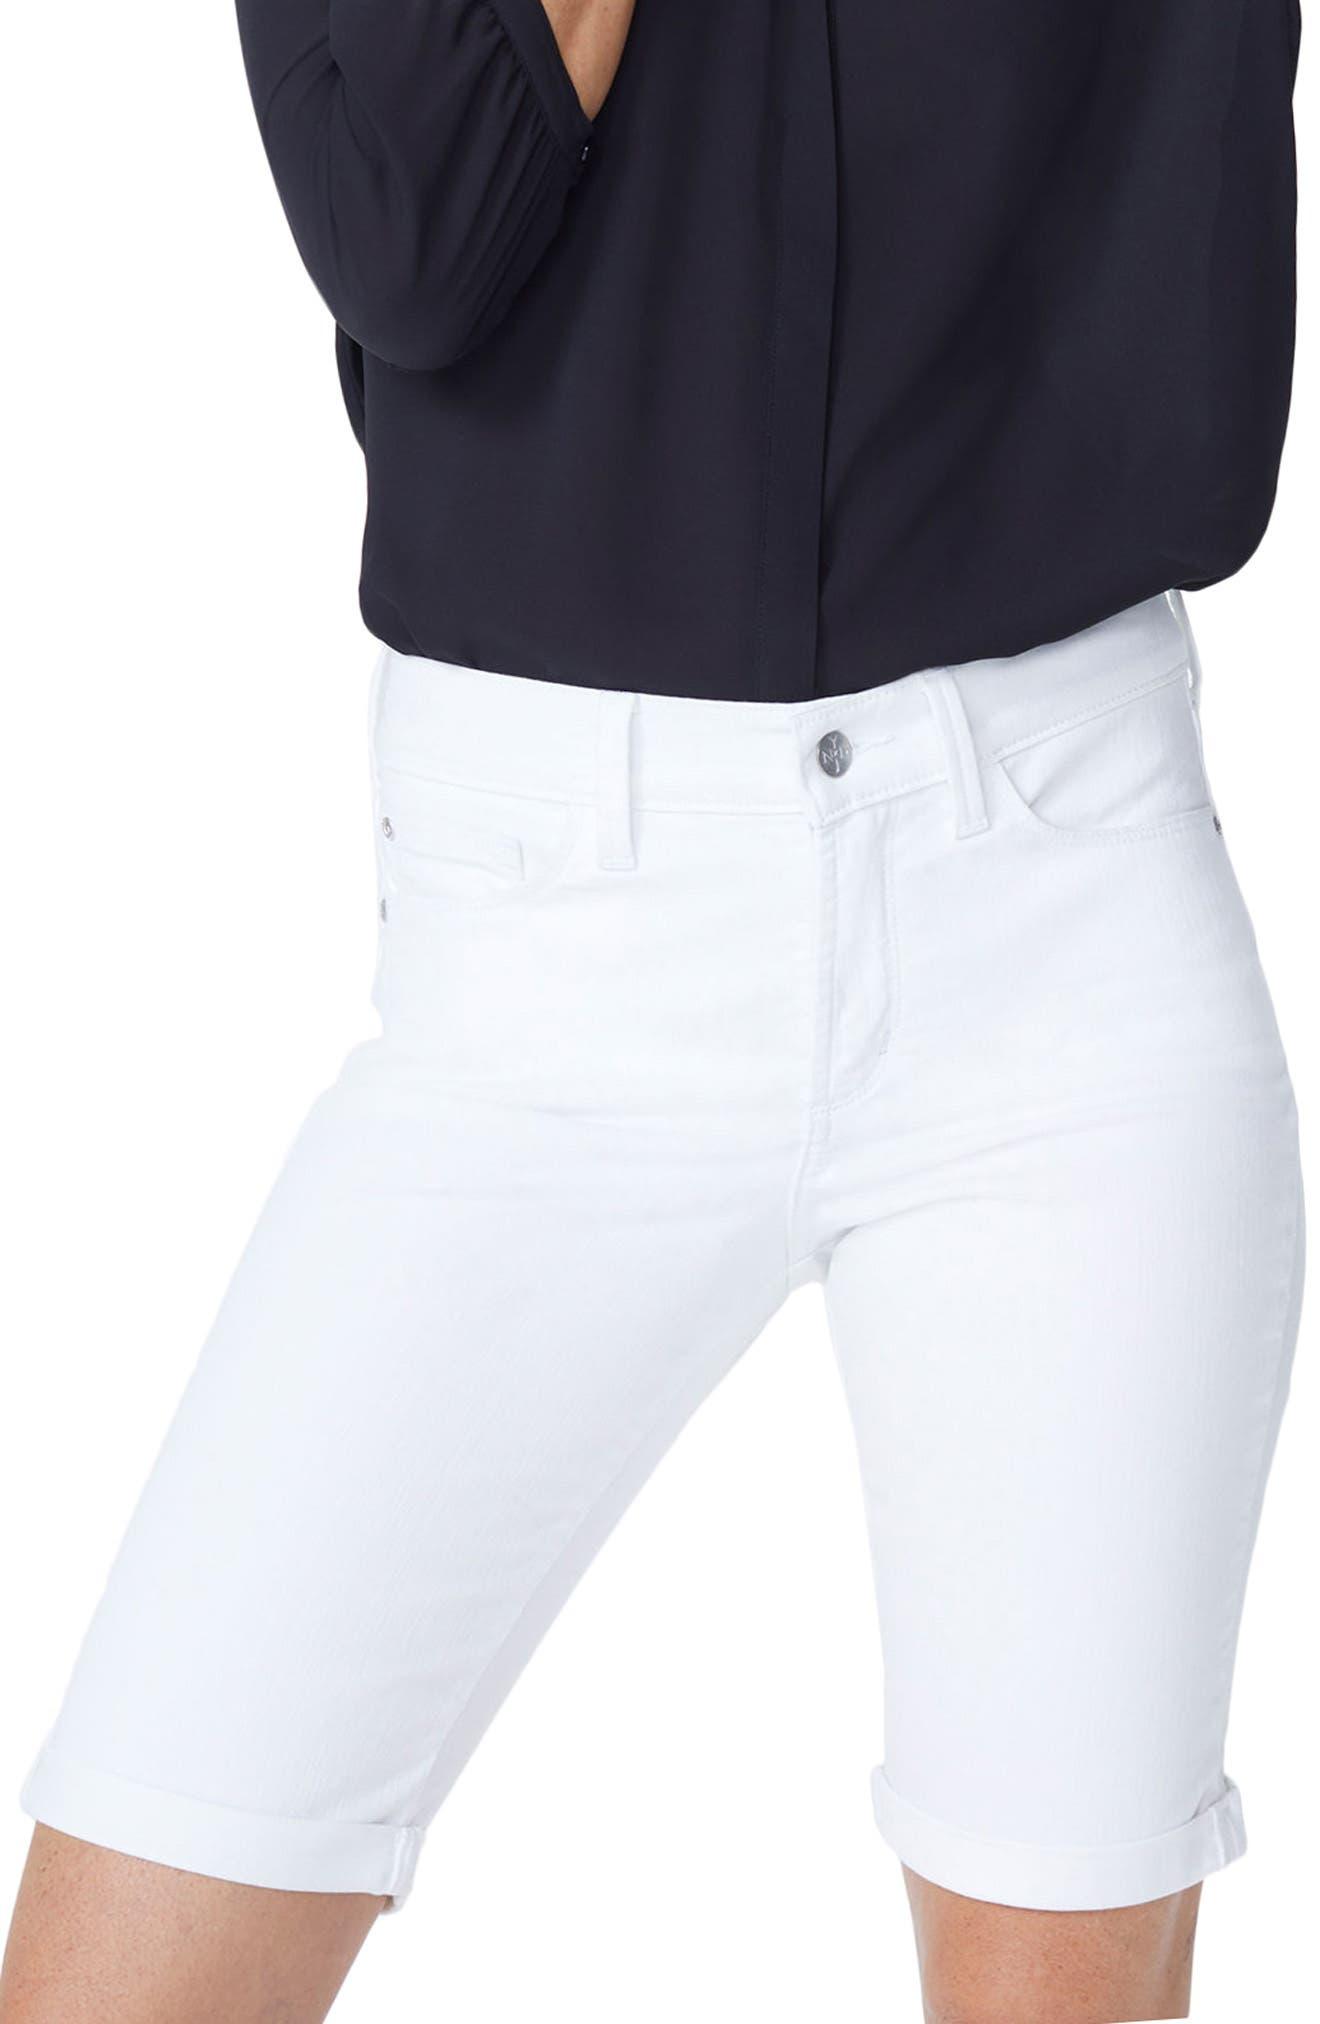 Briella Roll Cuff Bermuda Shorts,                         Main,                         color, 103